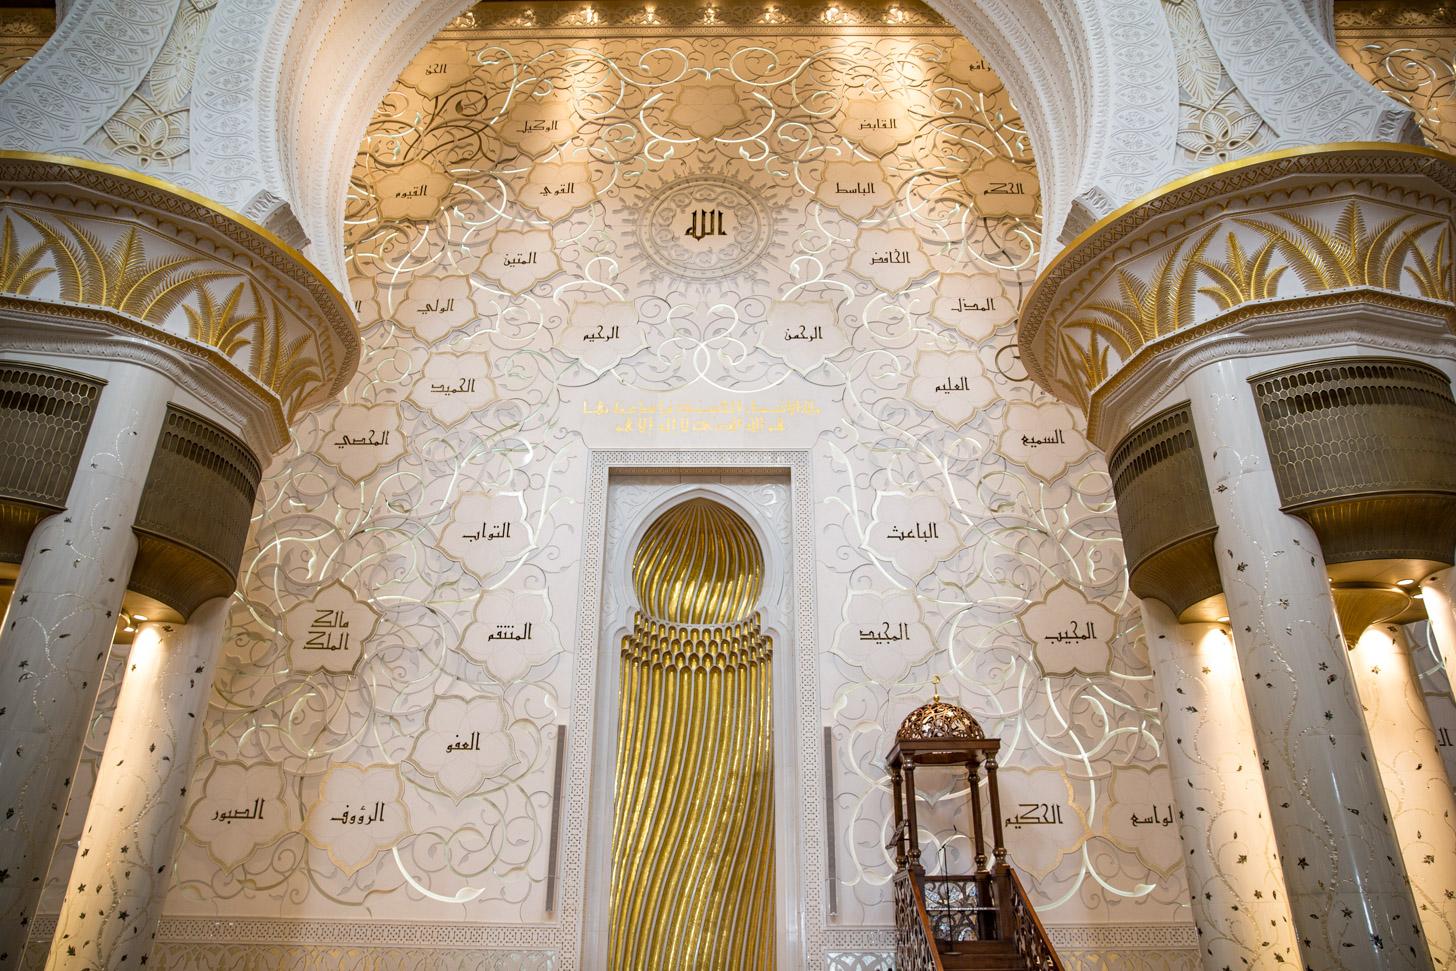 Sheikh Zayed Grand Mosque van binnen